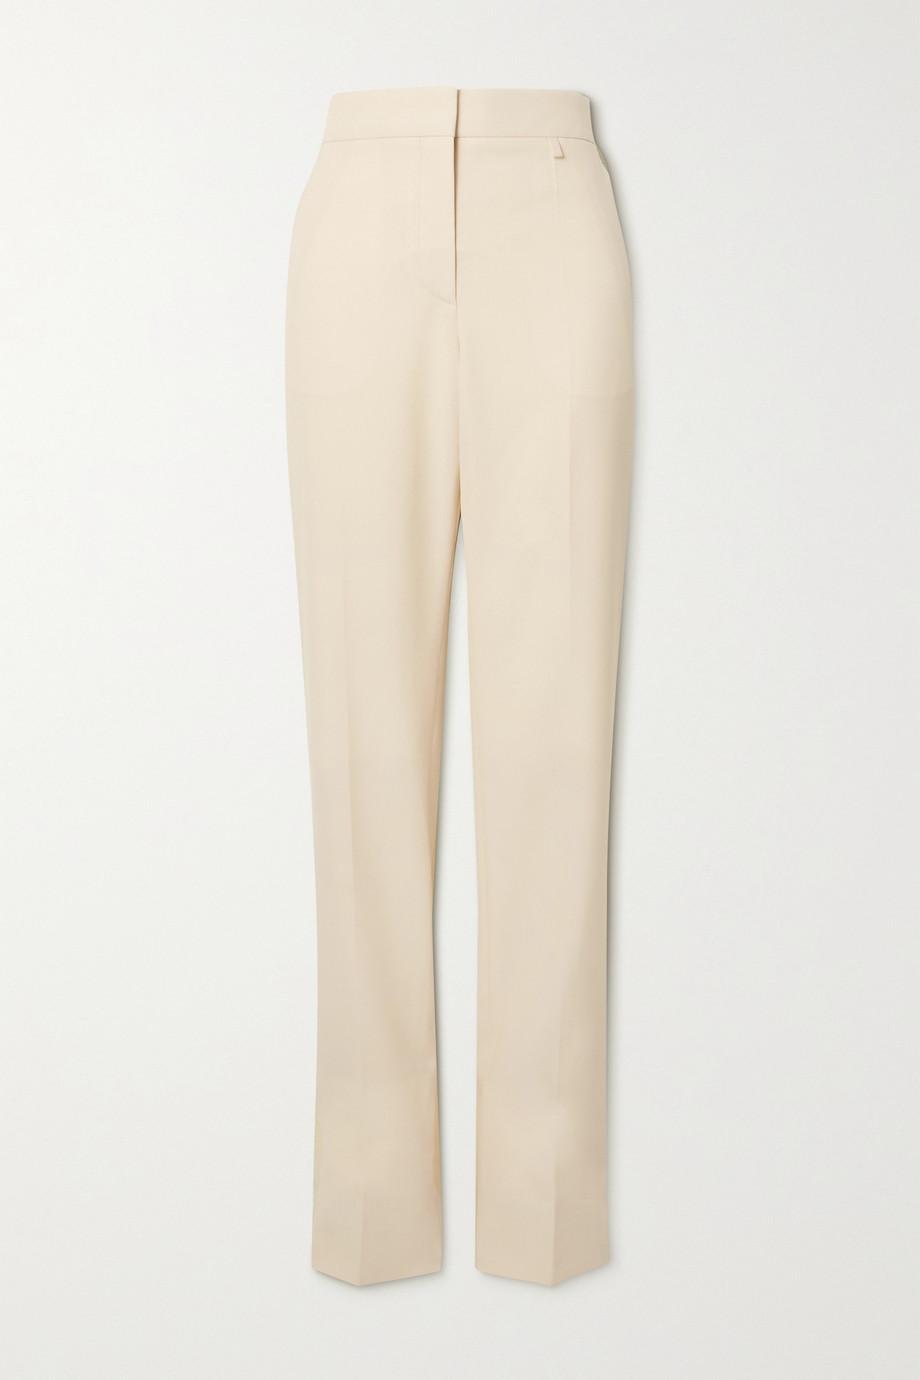 Givenchy Pantalon droit en laine